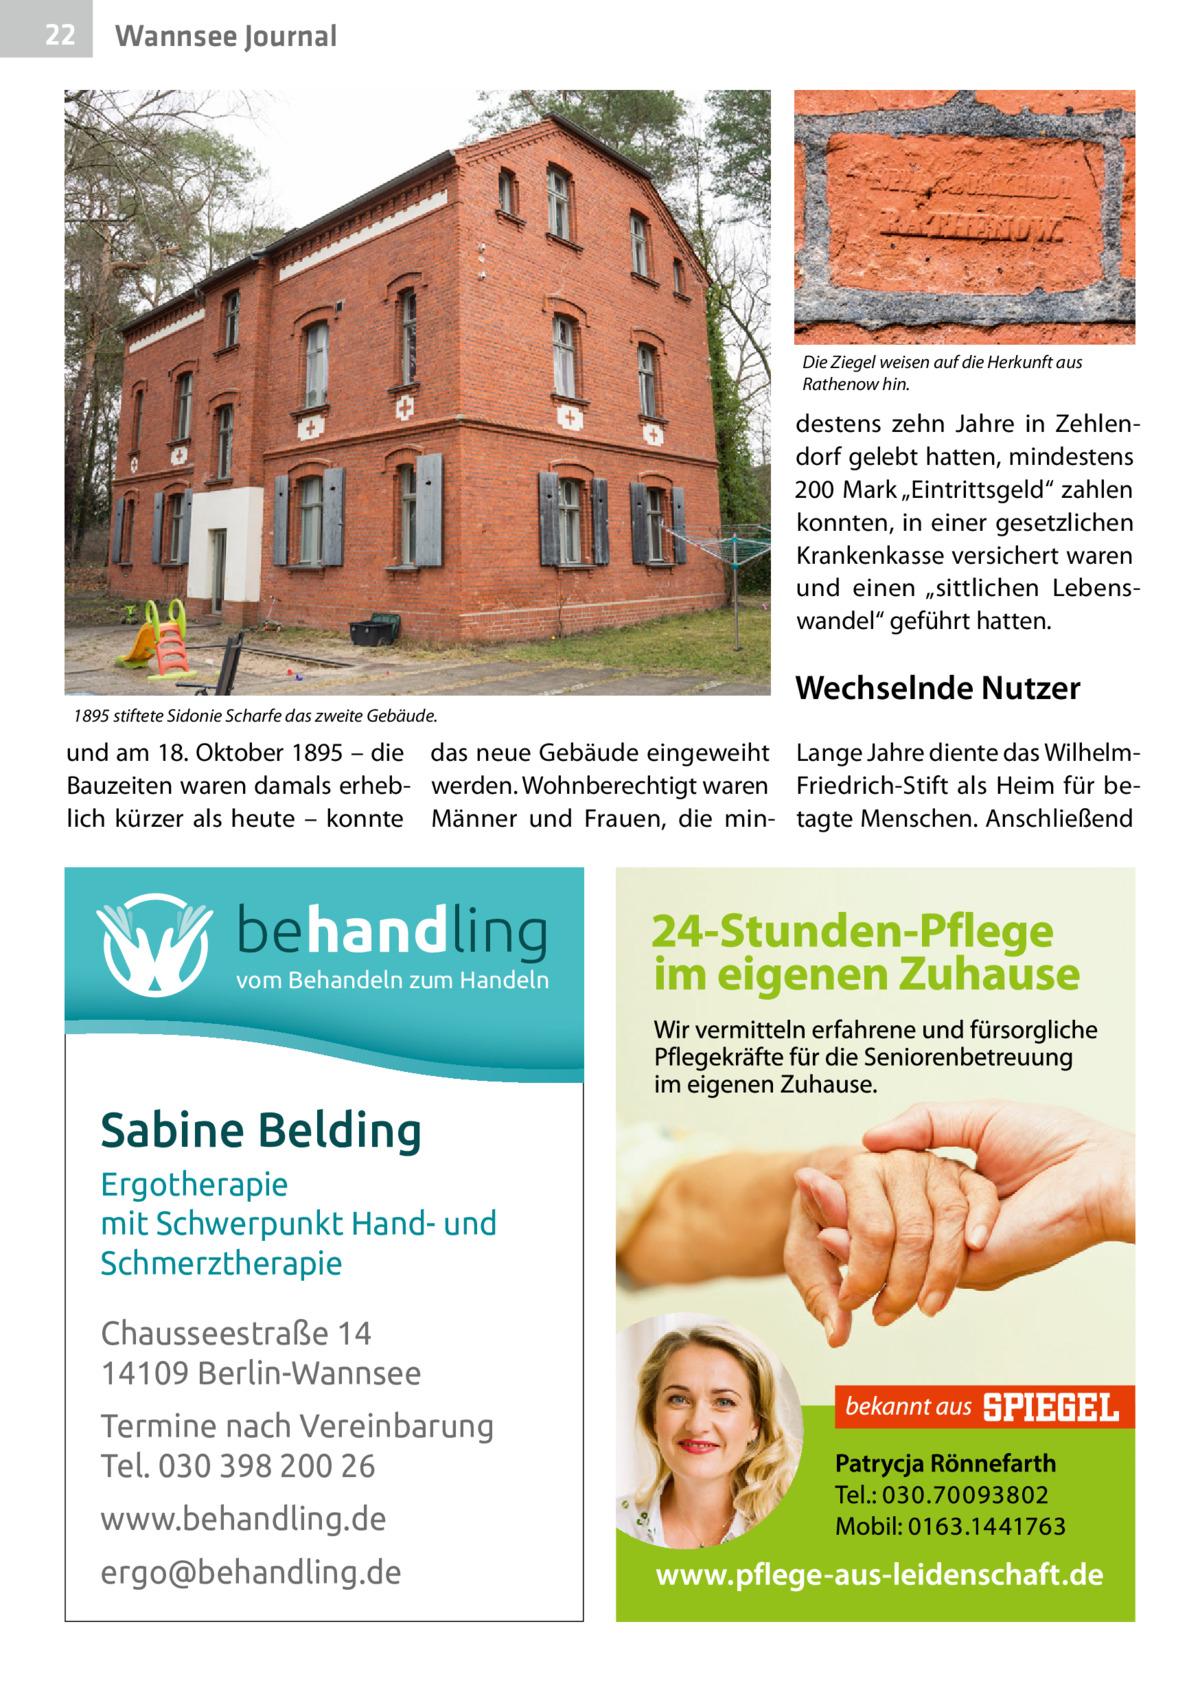 """22  Wannsee Journal  Die Ziegel weisen auf die Herkunft aus Rathenow hin.  destens zehn Jahre in Zehlendorf gelebt hatten, mindestens 200Mark """"Eintrittsgeld"""" zahlen konnten, in einer gesetzlichen Krankenkasse versichert waren und einen """"sittlichen Lebenswandel"""" geführt hatten.  1895 stiftete Sidonie Scharfe das zweite Gebäude.  Wechselnde Nutzer  und am 18.Oktober 1895 – die das neue Gebäude eingeweiht Lange Jahre diente das WilhelmBauzeiten waren damals erheb- werden. Wohnberechtigt waren Friedrich-Stift als Heim für belich kürzer als heute – konnte Männer und Frauen, die min- tagte Menschen. Anschließend  behandling vom Behandeln zum Handeln  Sabine Belding Ergotherapie mit Schwerpunkt Hand- und Schmerztherapie Chausseestraße 14 14109 Berlin-Wannsee Termine nach Vereinbarung Tel. 030 398 200 26 www.behandling.de ergo@behandling.de"""